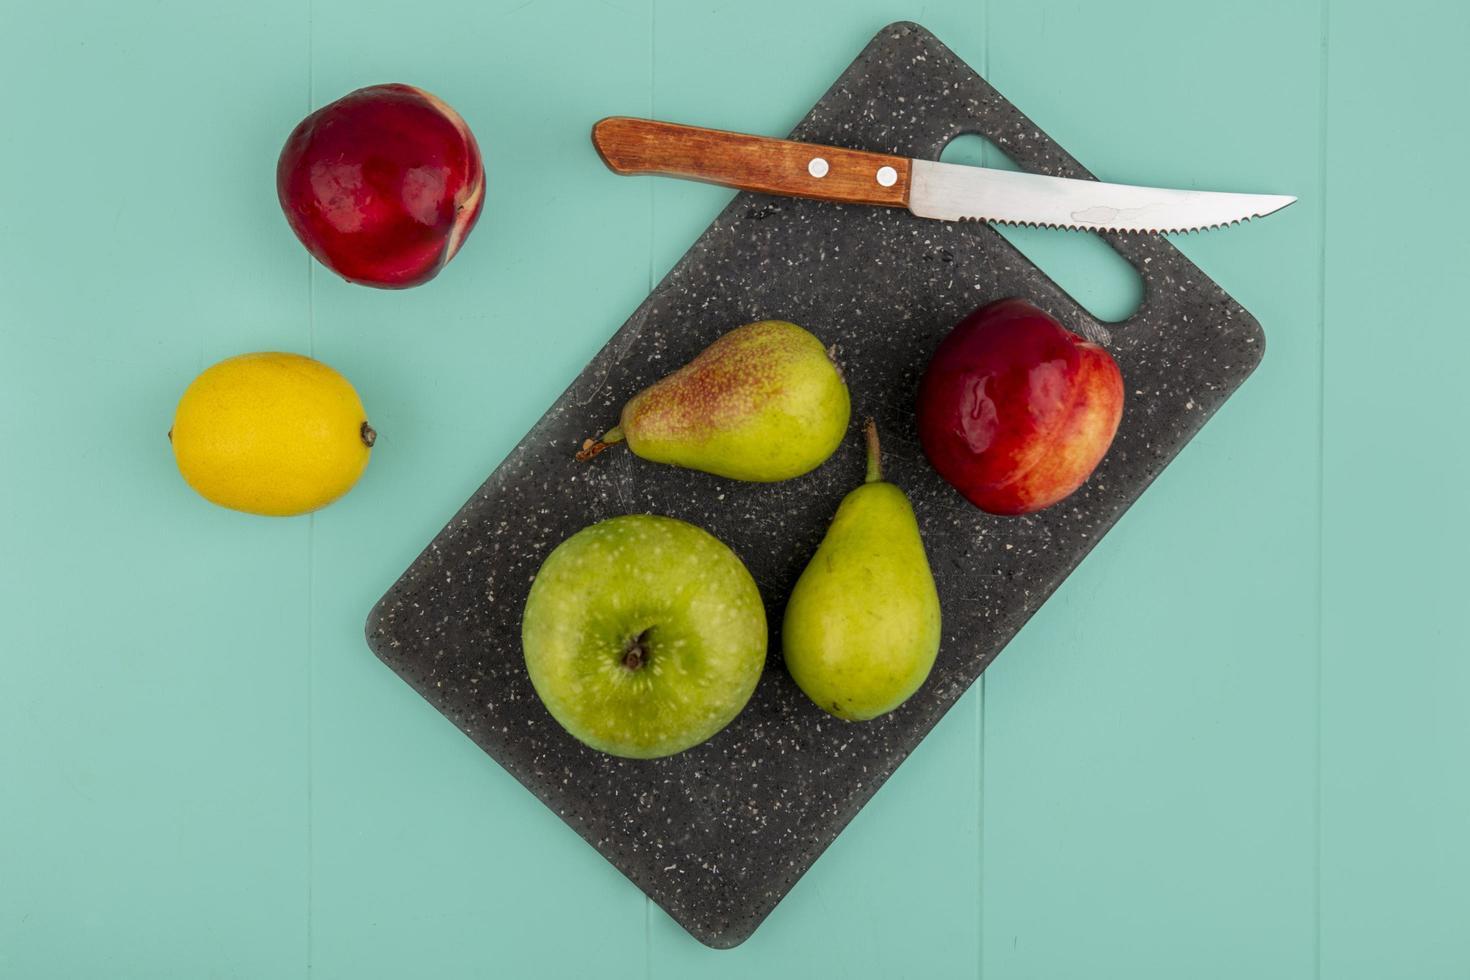 verschiedene Früchte auf grünem Hintergrund foto